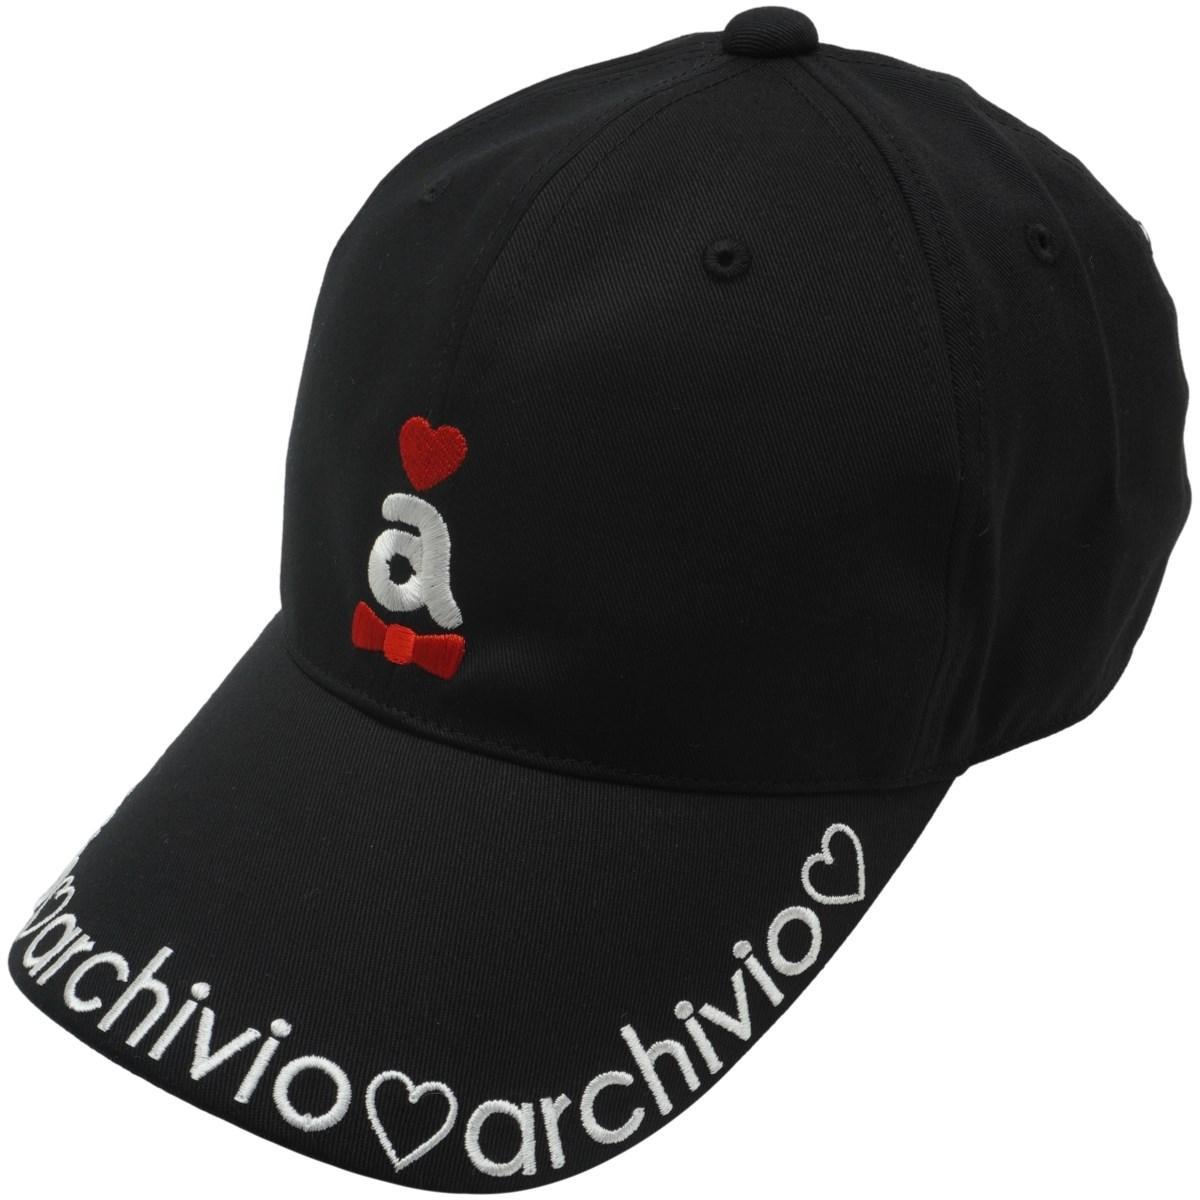 アルチビオ archivio キャップ フリー ブラック 001 レディス